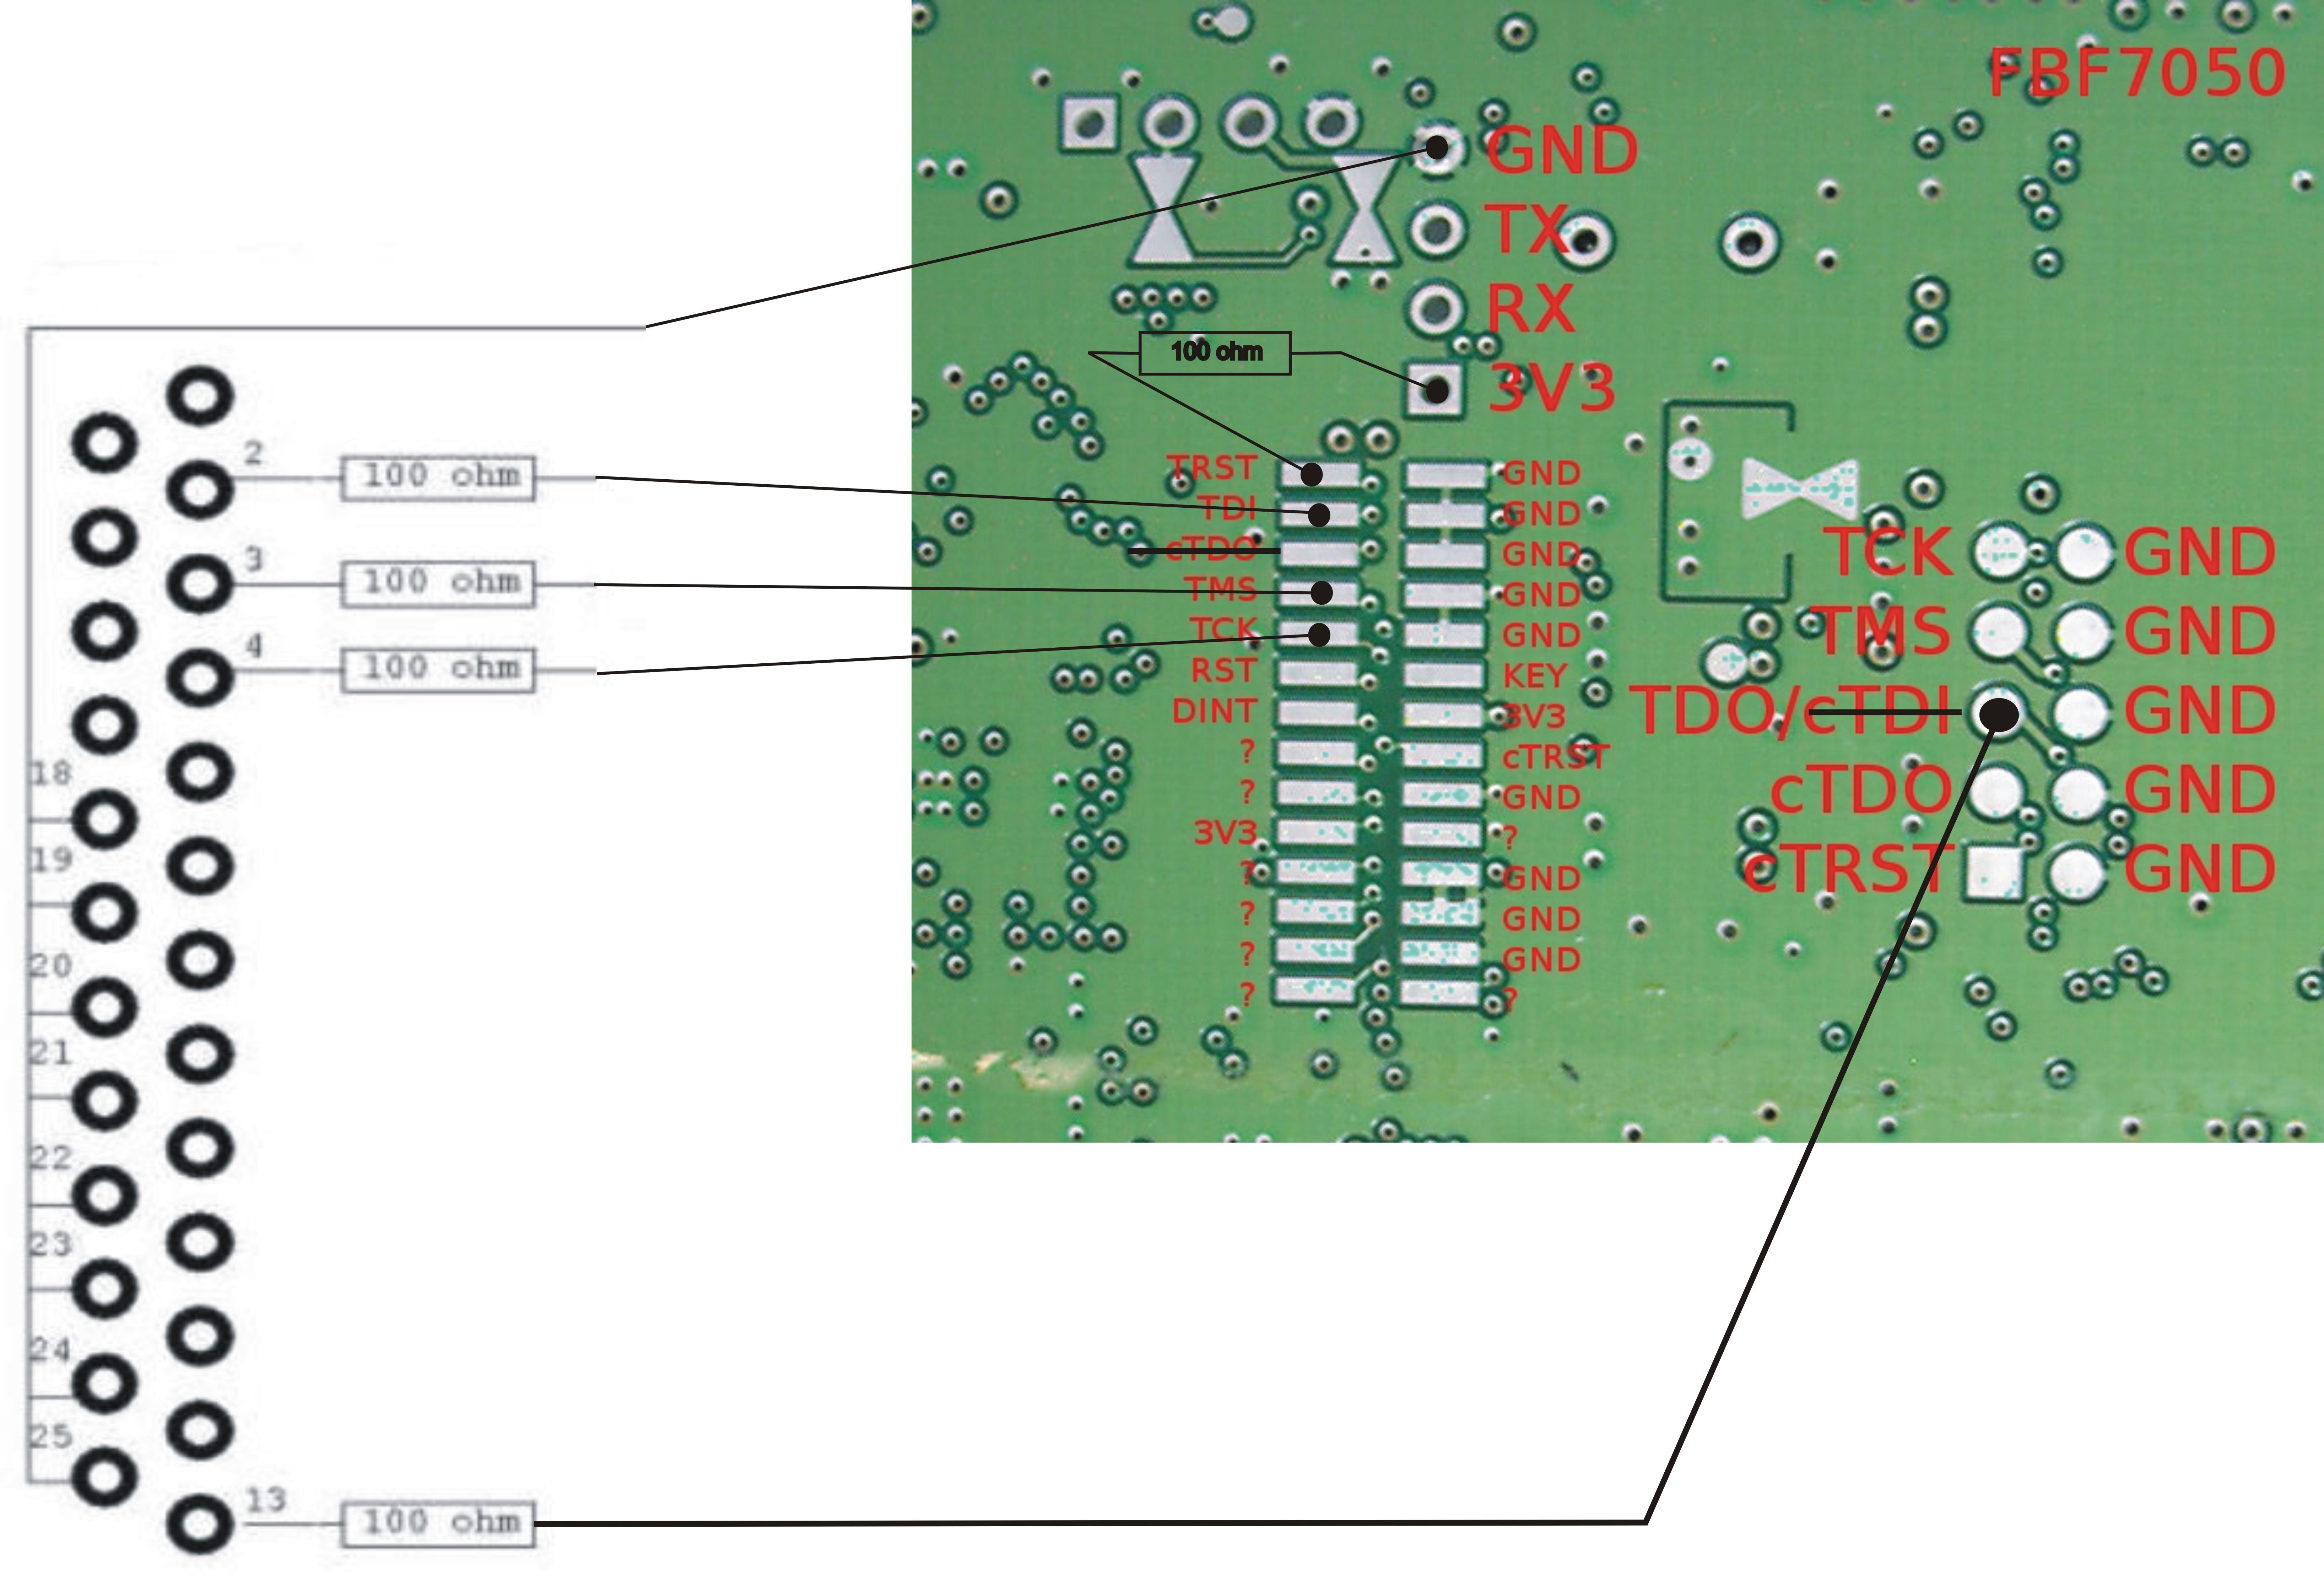 Fritz 7050 - Uszkodzony bootloader Fritz Box fon WLAN 7050 jak wgra� po serial?